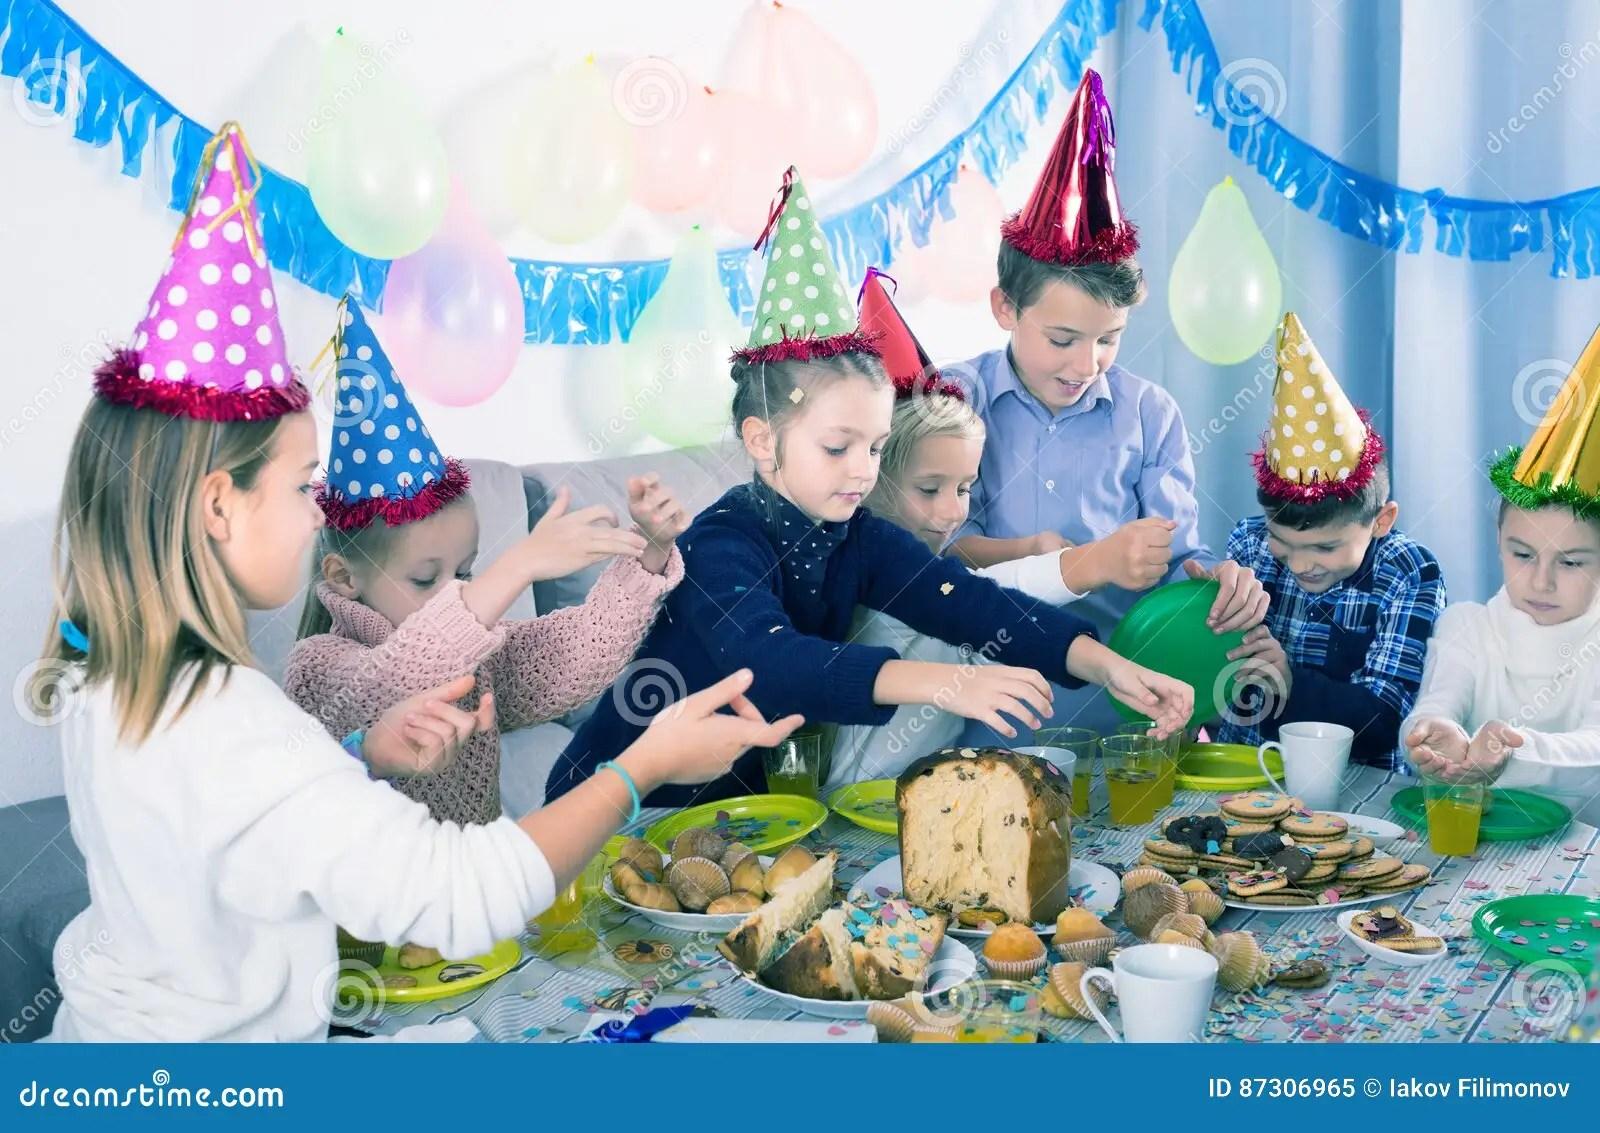 Essen Fur Kindergarten Geburtstag Lollis So Weit Das Auge Reicht